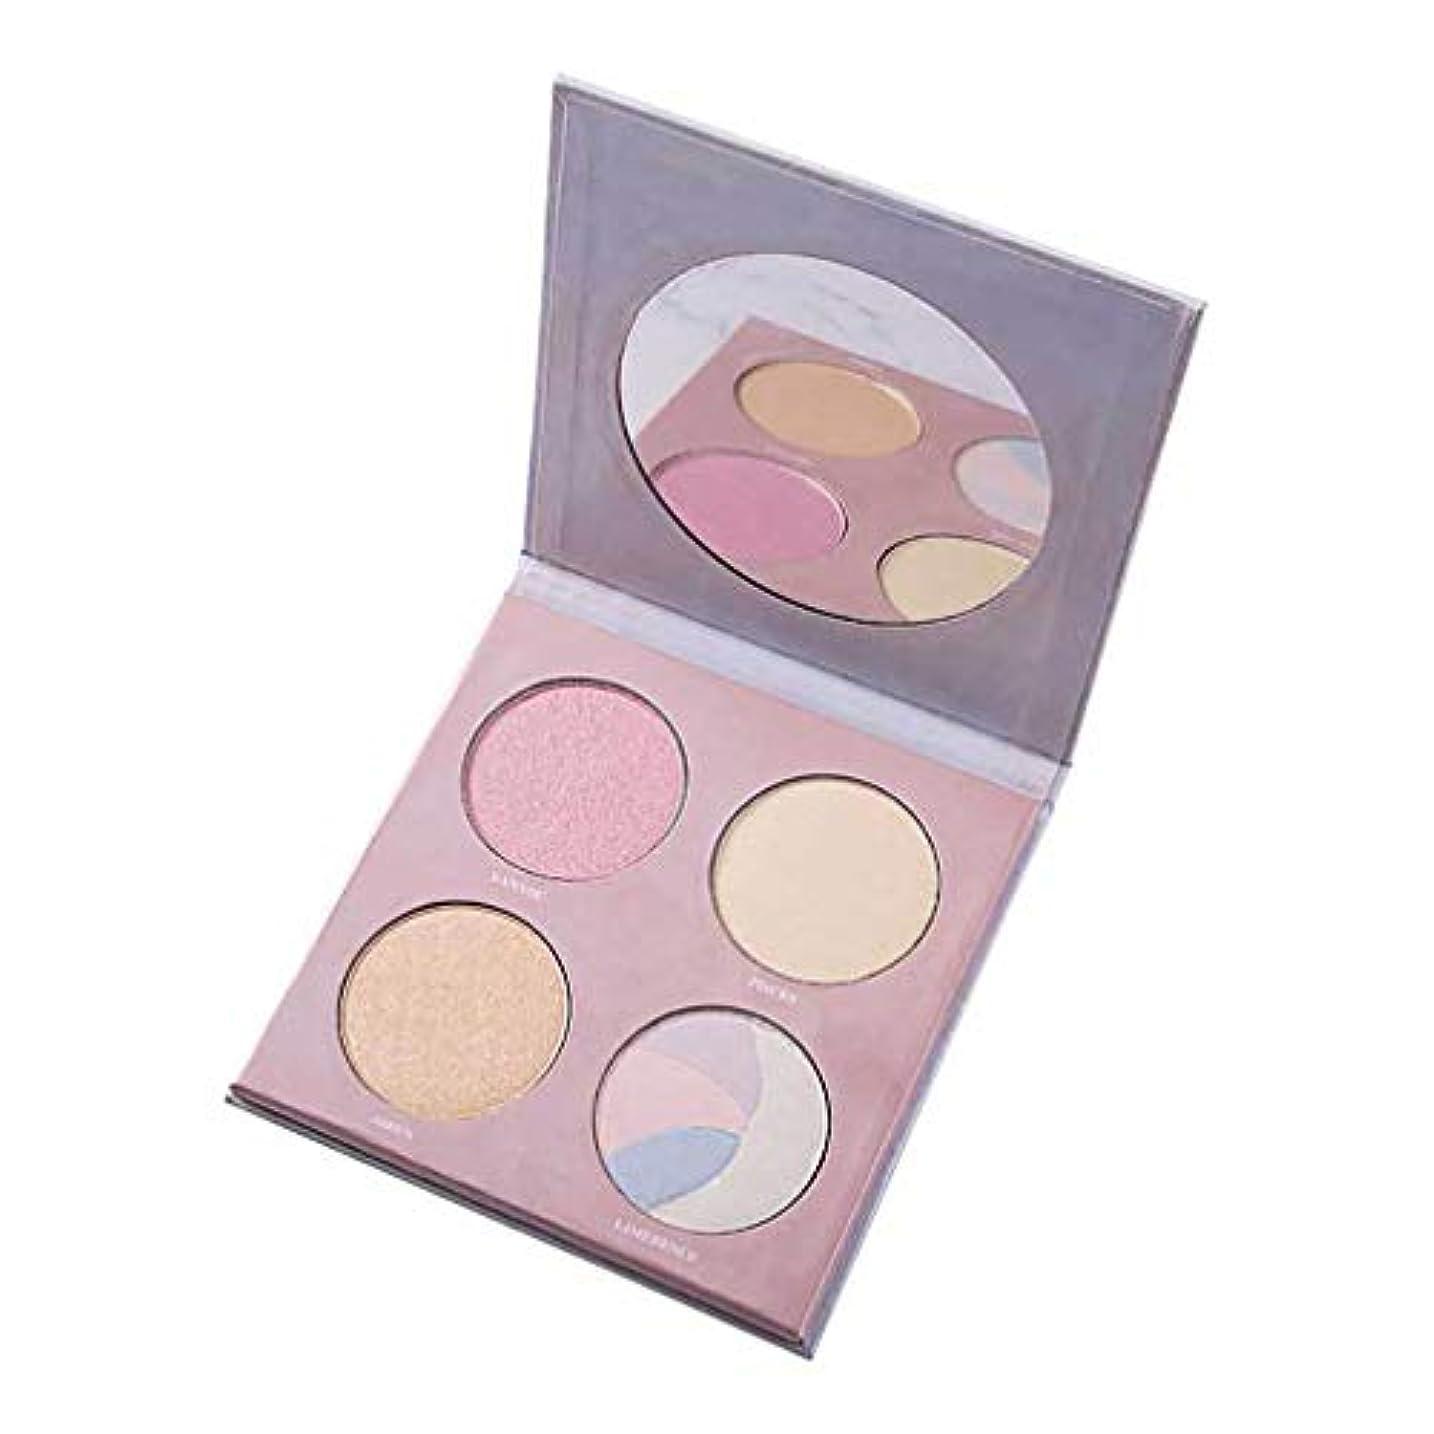 抽象化上院危険な明るい光アイシャドウパレットヌードバームミネラルパウダー顔料化粧品グリッターアイシャドウは、メイクアップメイクアップ